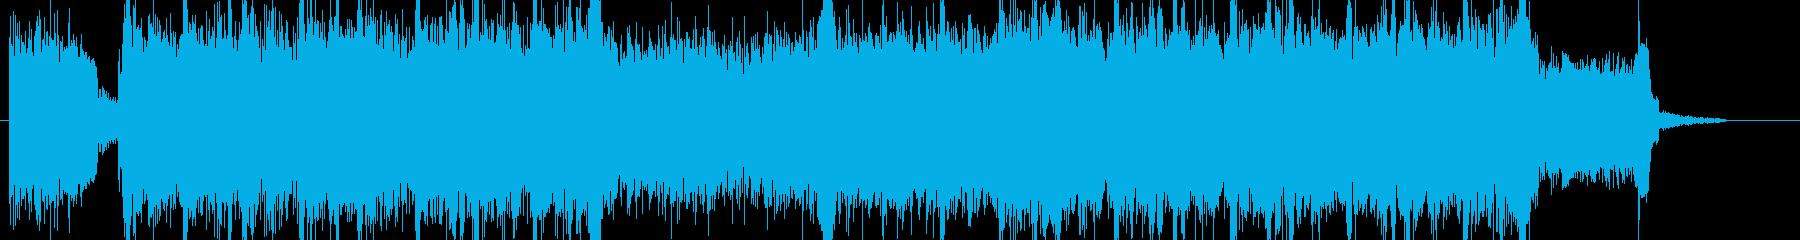 緊迫感と切迫感を表現したインスト曲の再生済みの波形